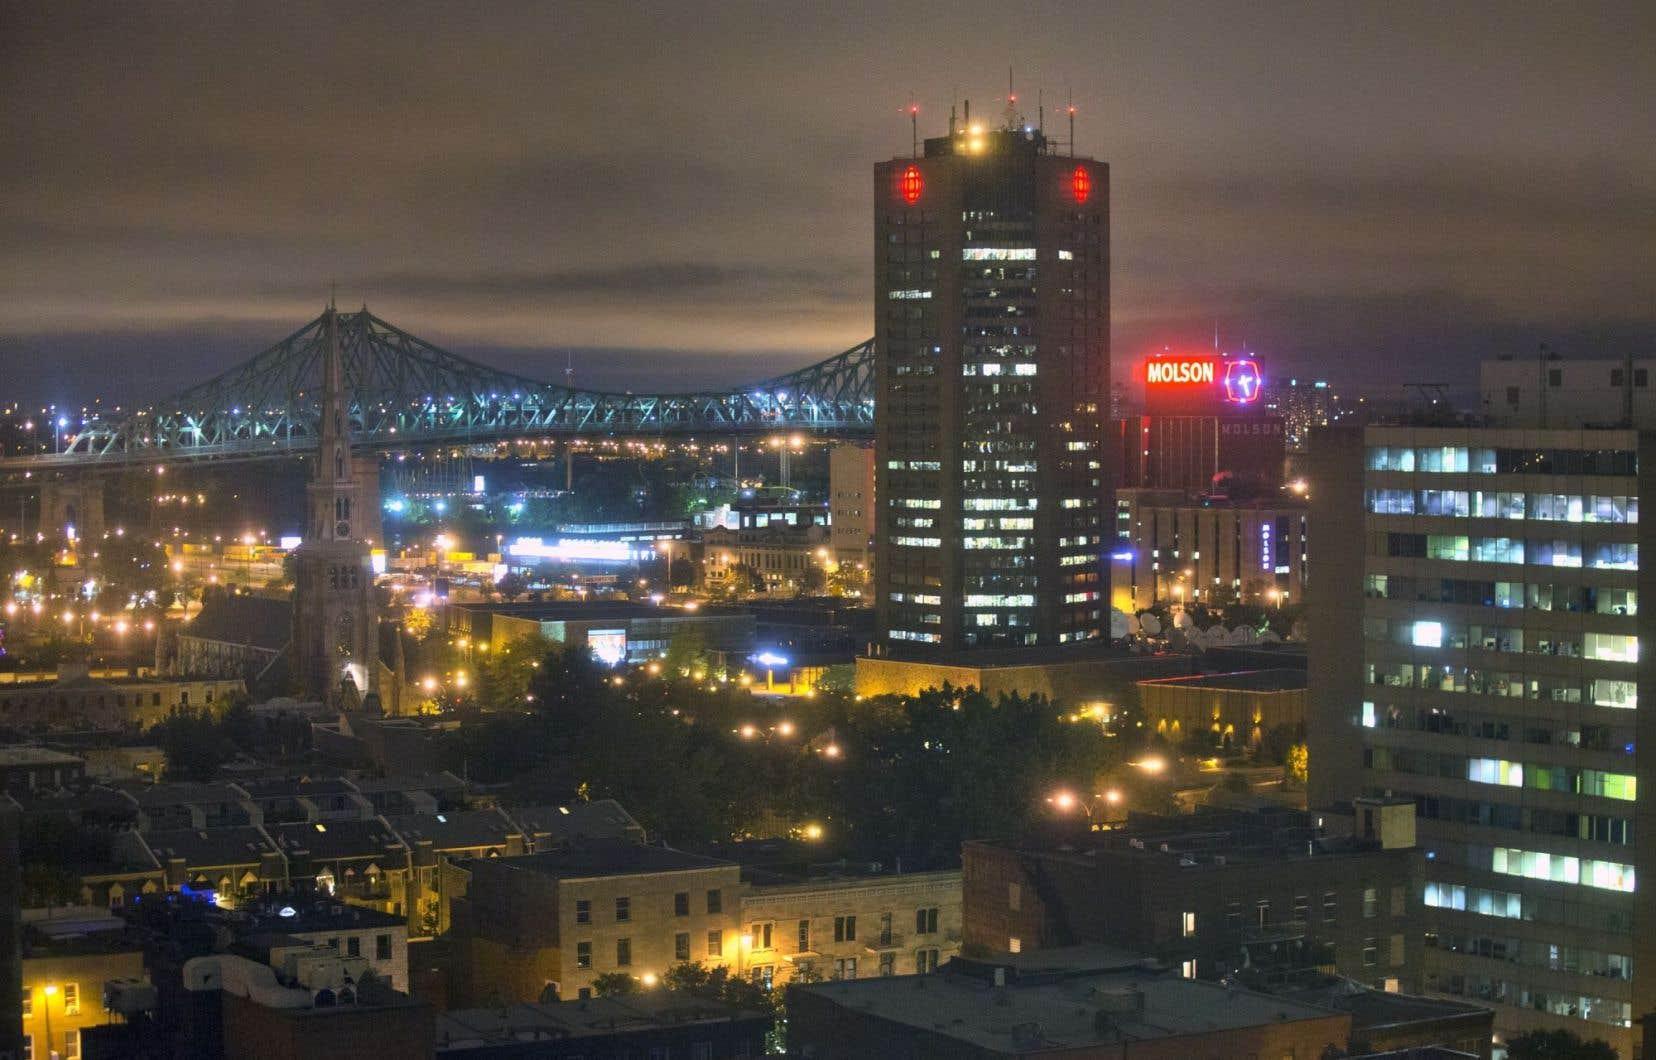 Cette nouvelle démarche immobilière vient prendre le relais du projet développé depuis le début de la décennie et qui visait la vente de la tour et des stationnements de Montréal dans le cadre d'une stratégie pancanadienne.